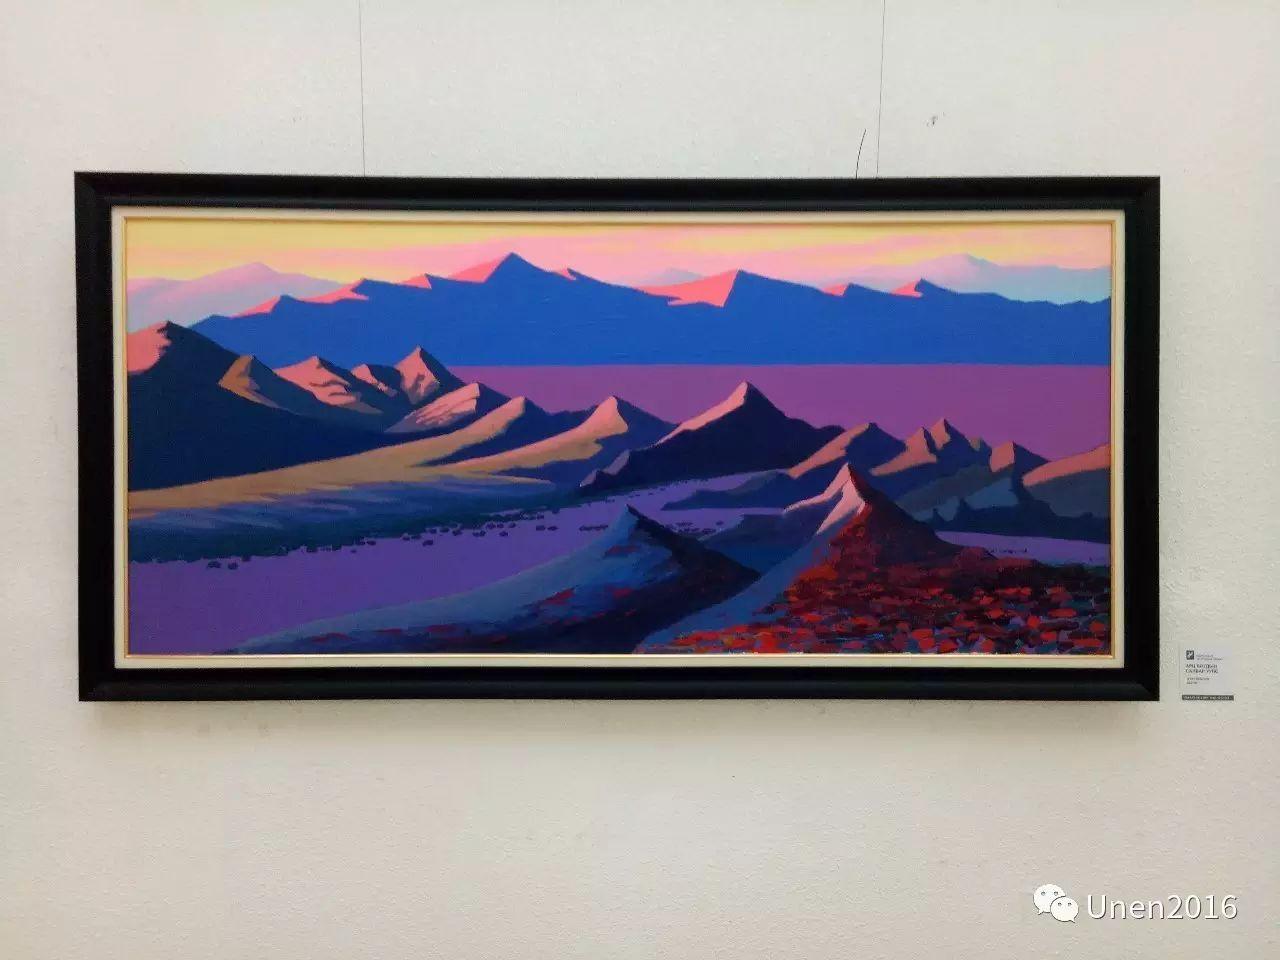 蒙古国画家傲日格勒宝勒德的油画作品 第15张